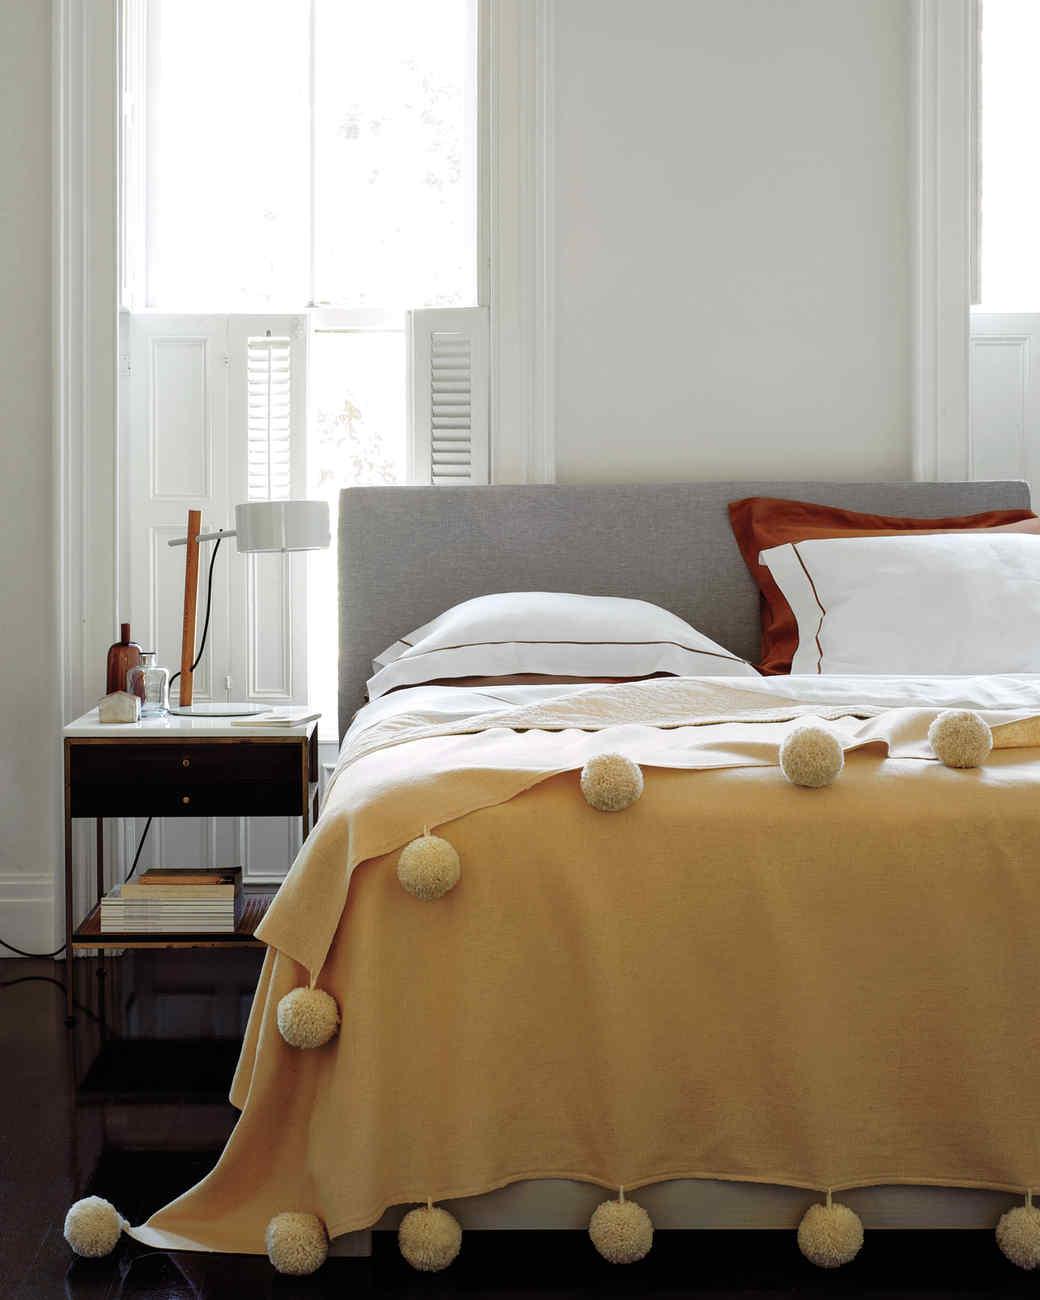 pom-poms-bedroom-md108966.jpg